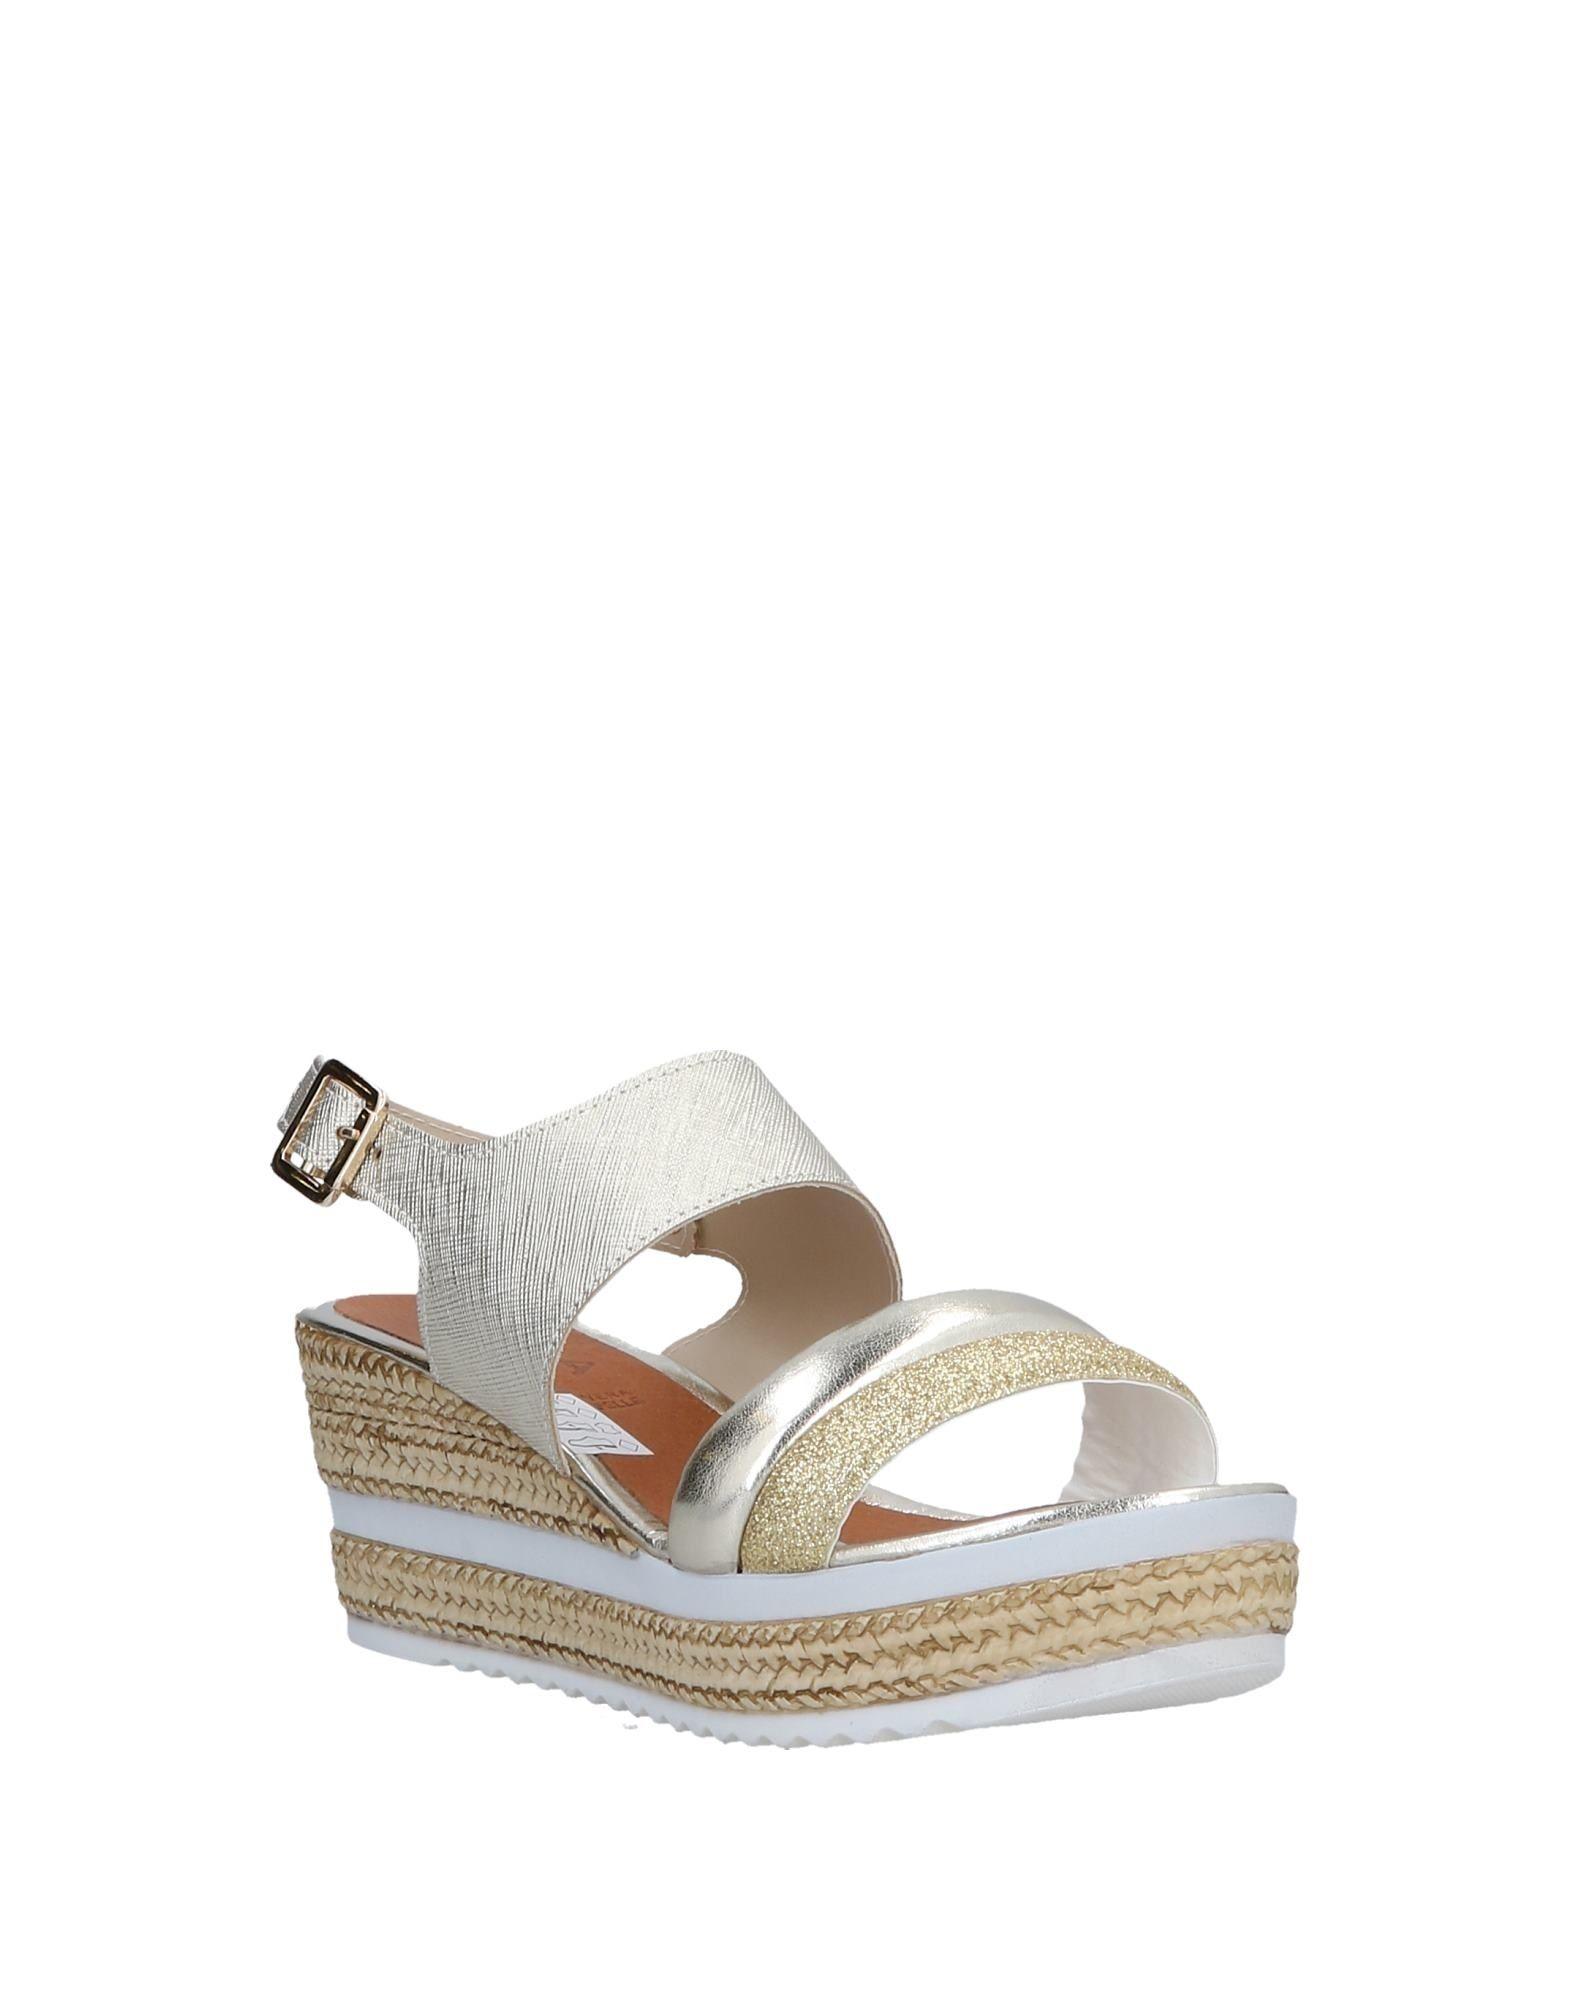 Sara Sandalen Damen Damen Sandalen 11499772GK Gute Qualität beliebte Schuhe 985bf5